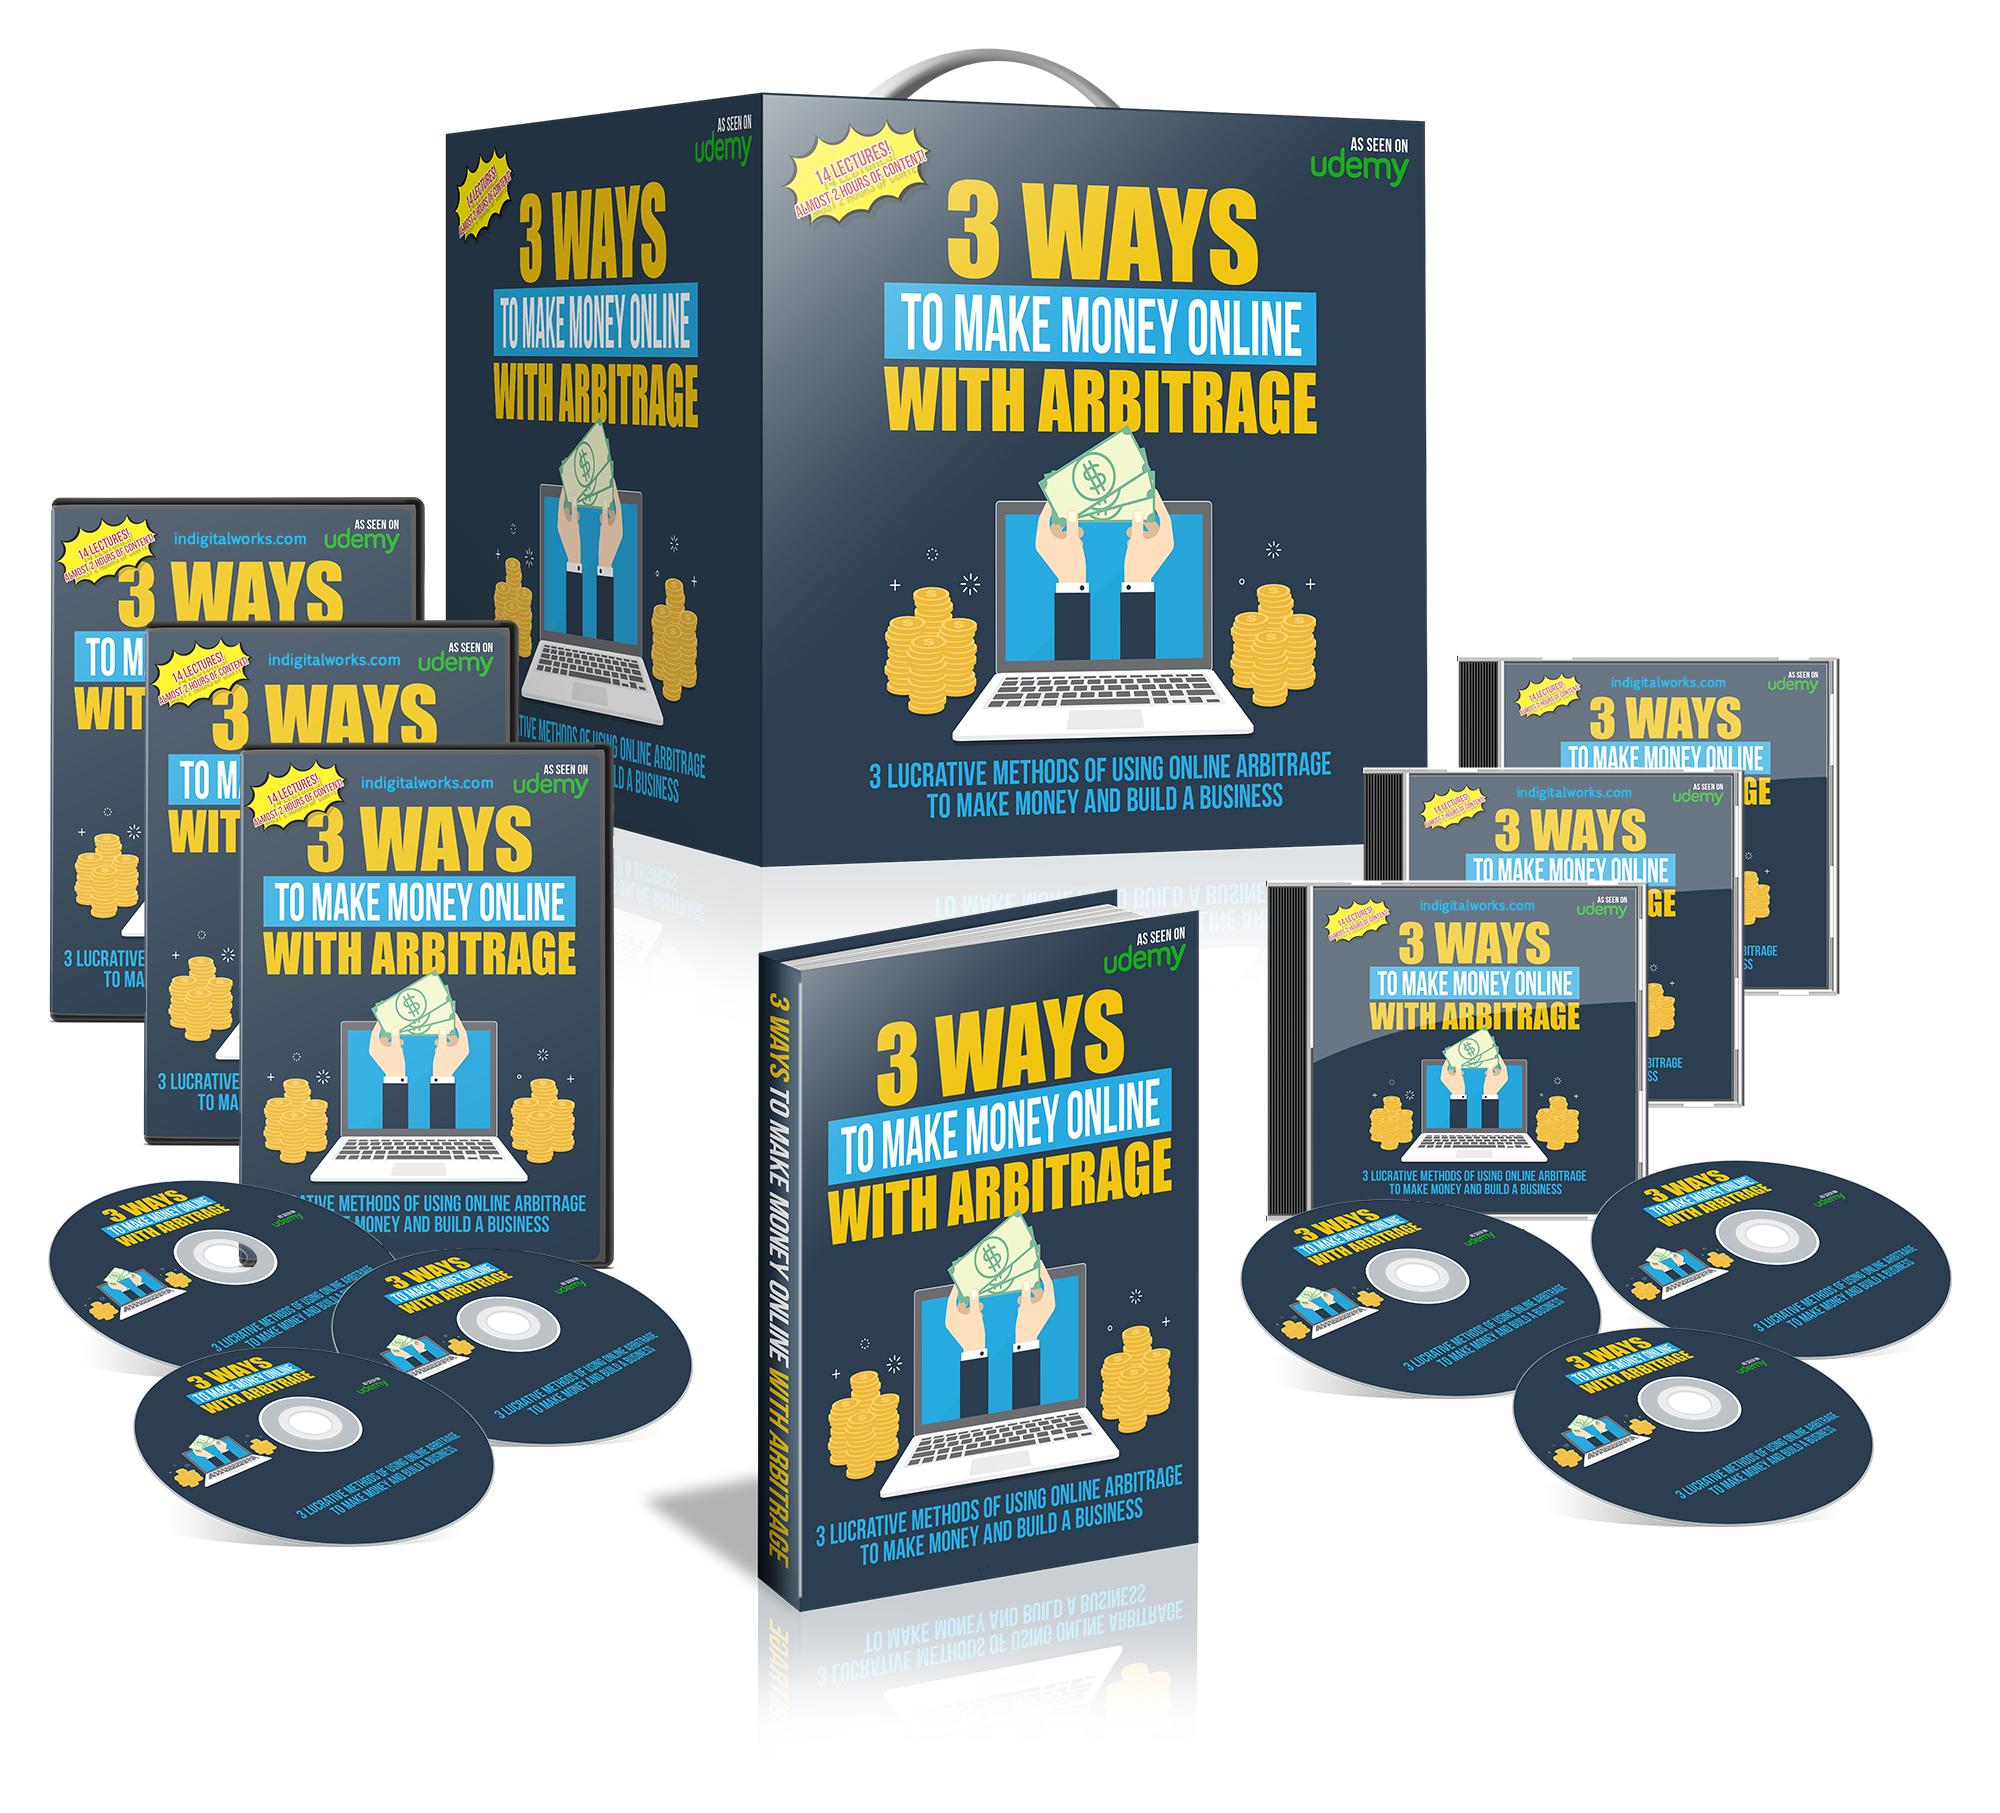 3 Ways To Make Money Online With Arbitrage